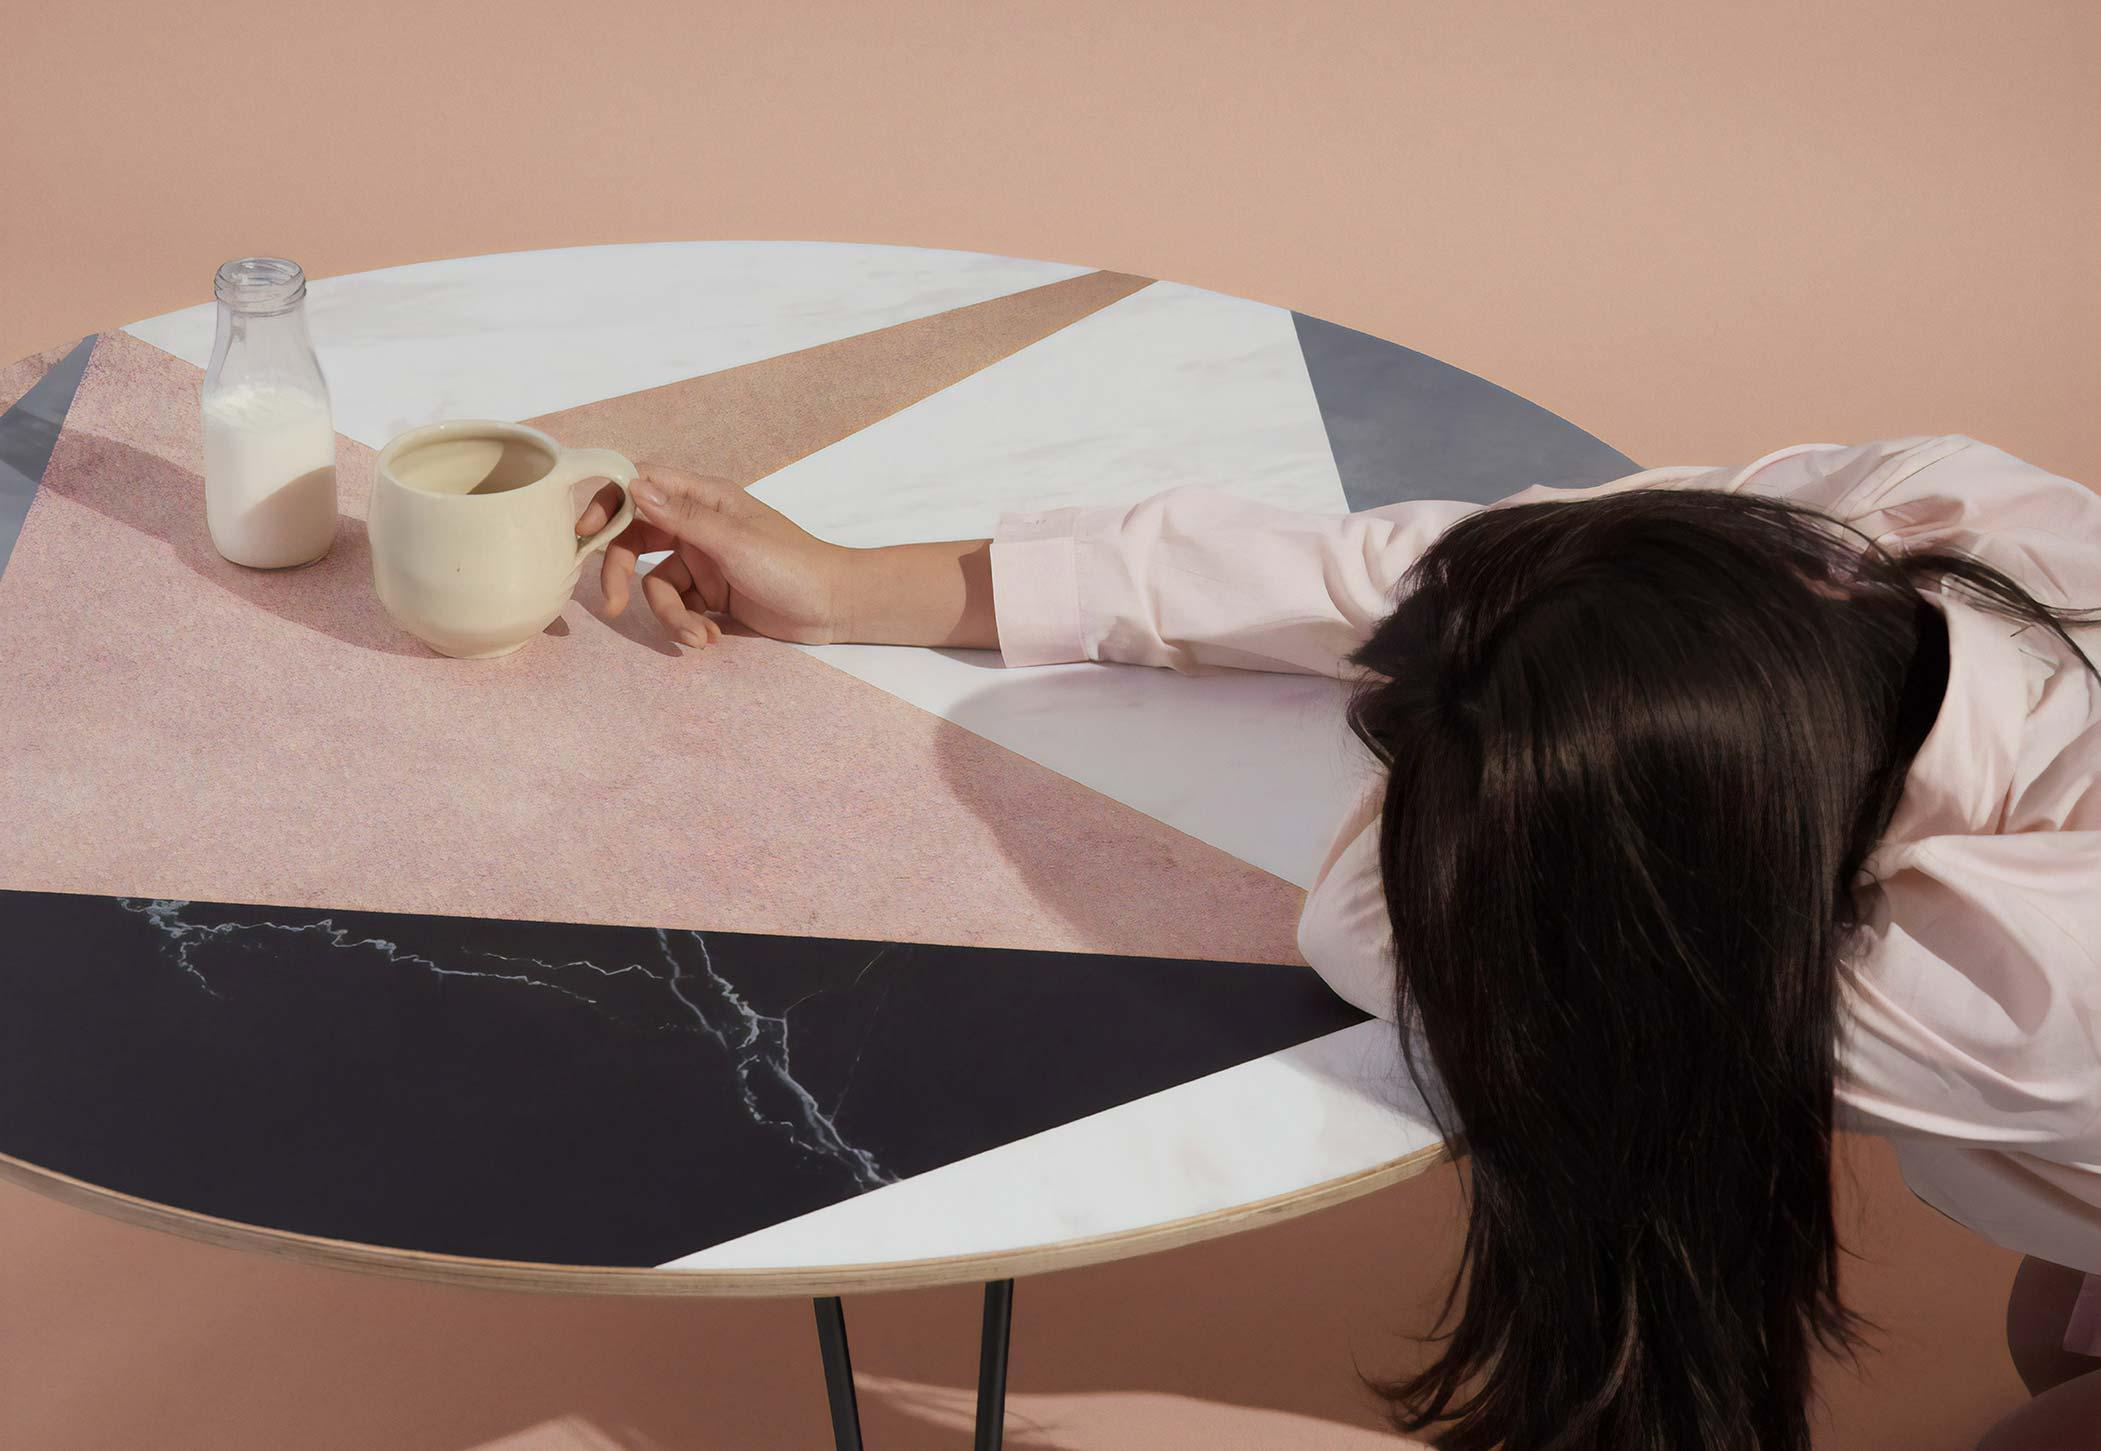 Elegant room table